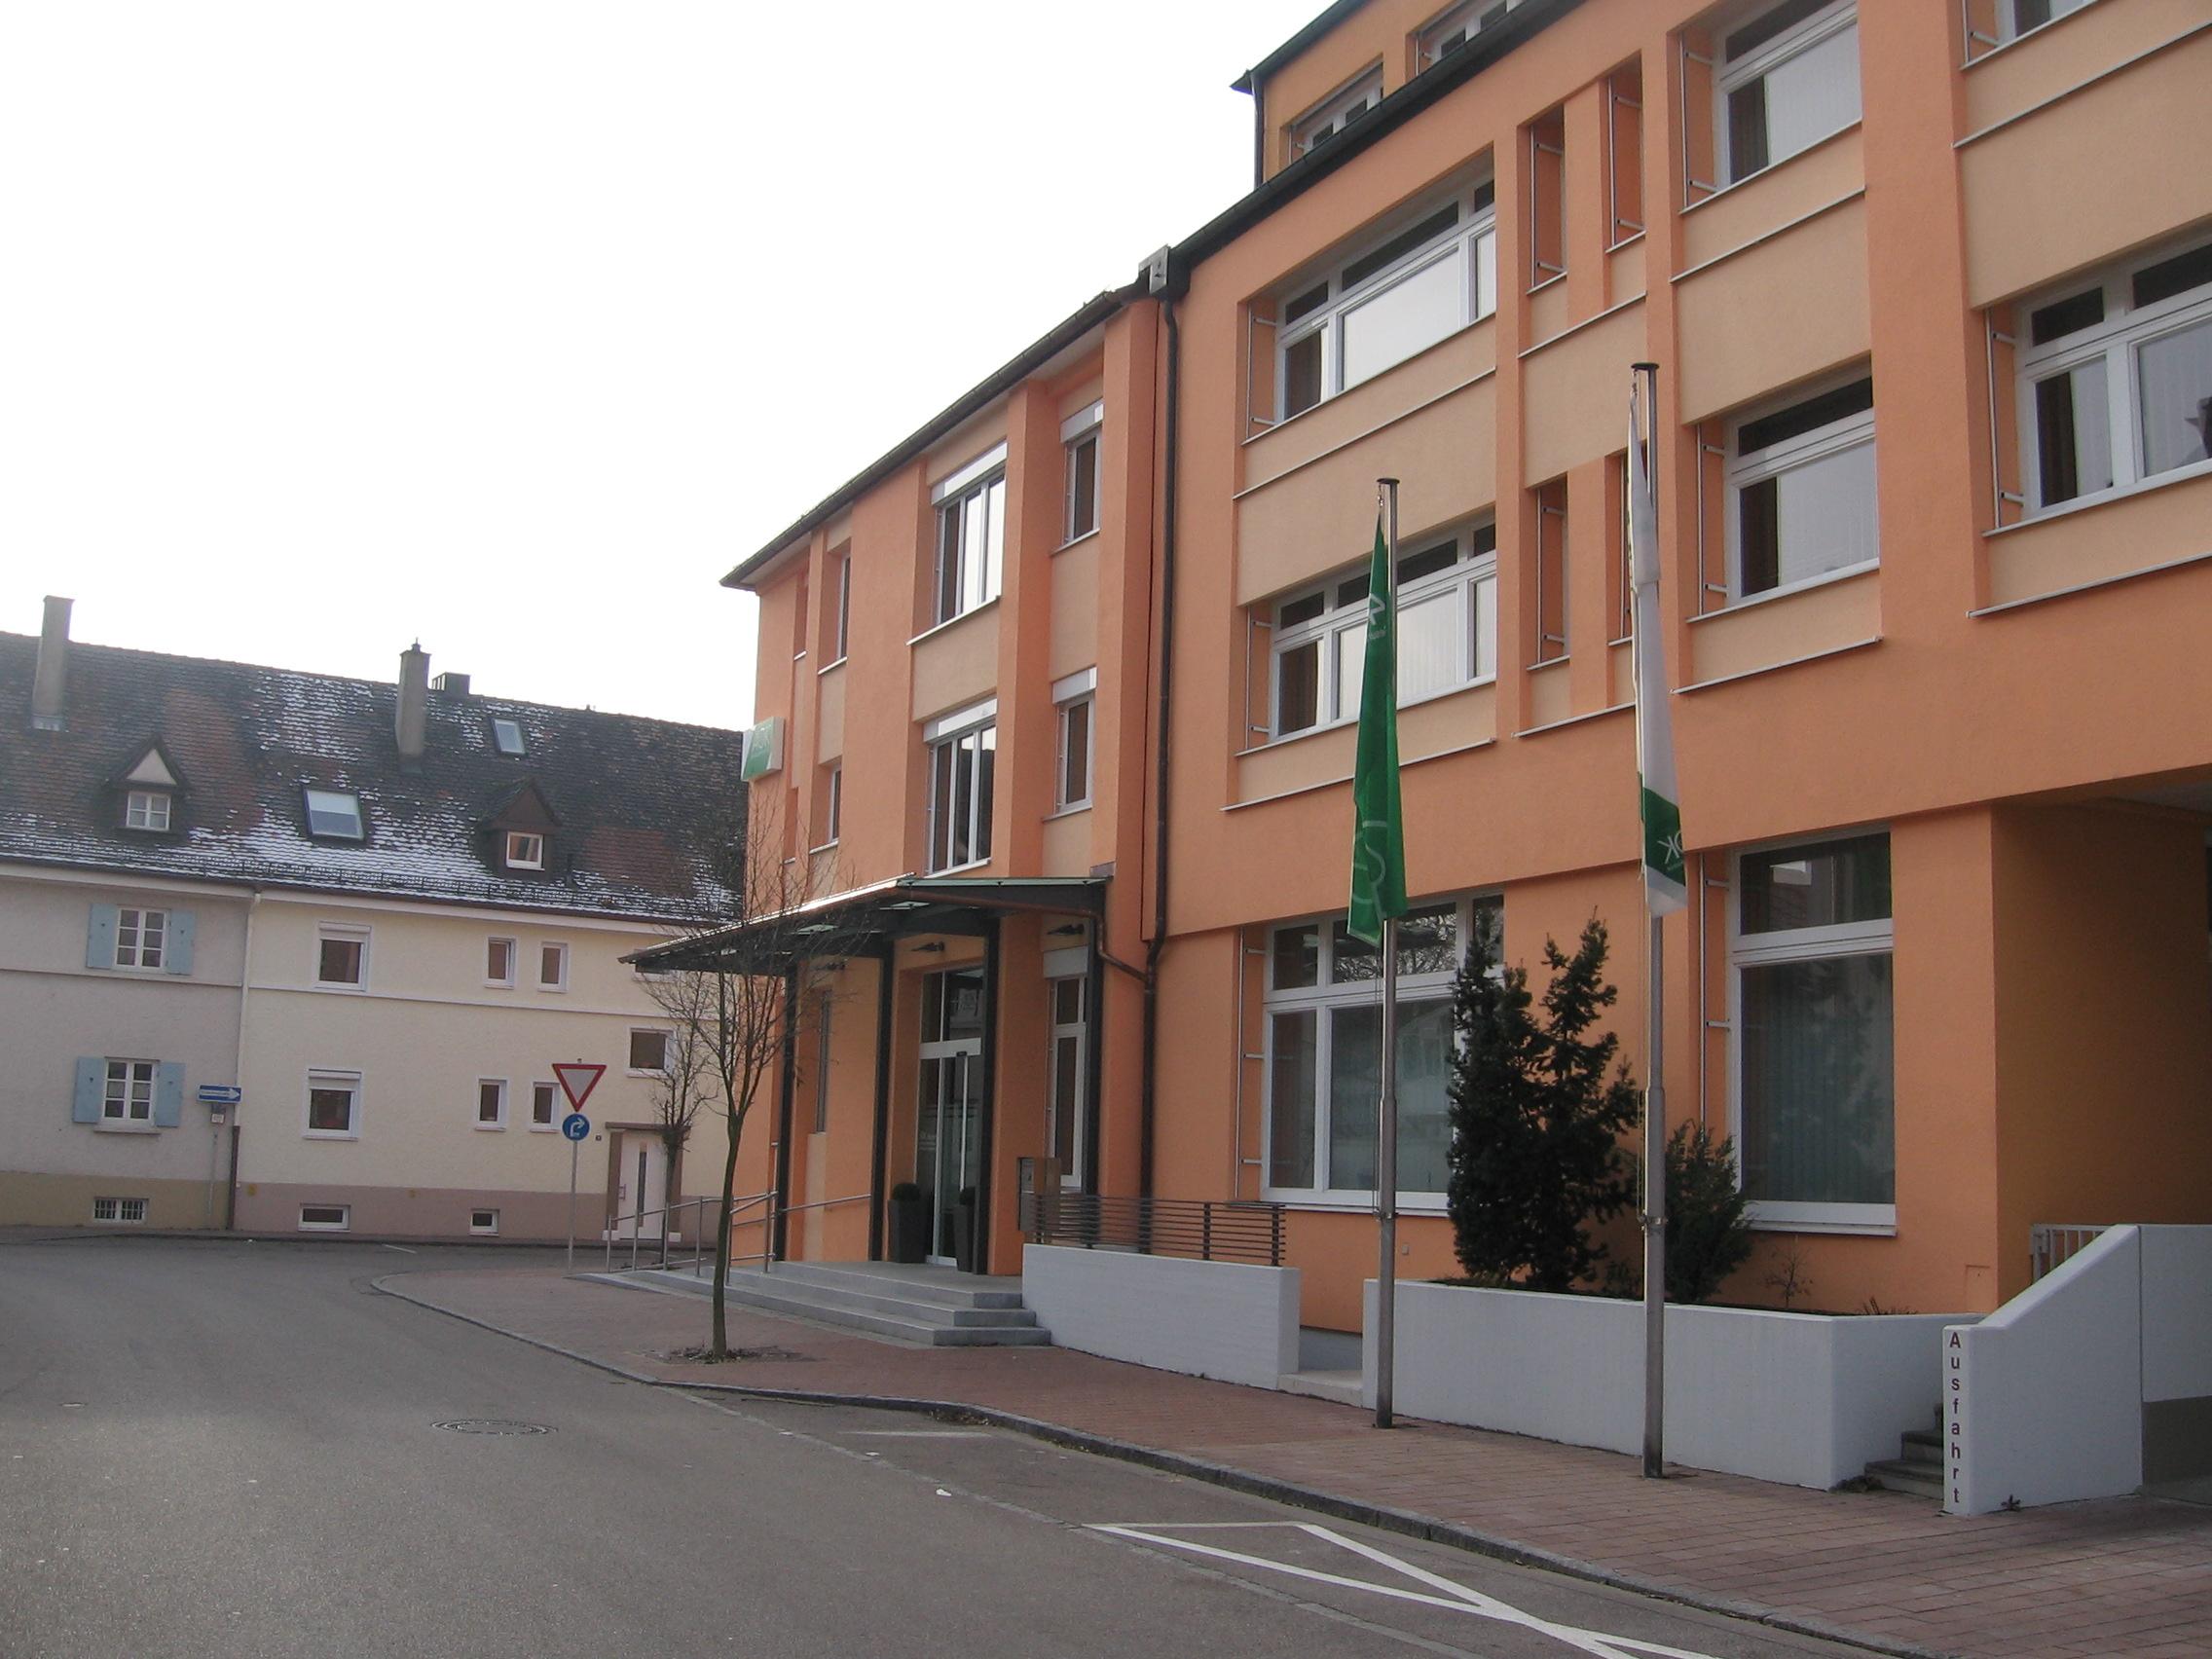 1-Fassadensanierung-AOK-Donauwörth-Ansicht-Straße